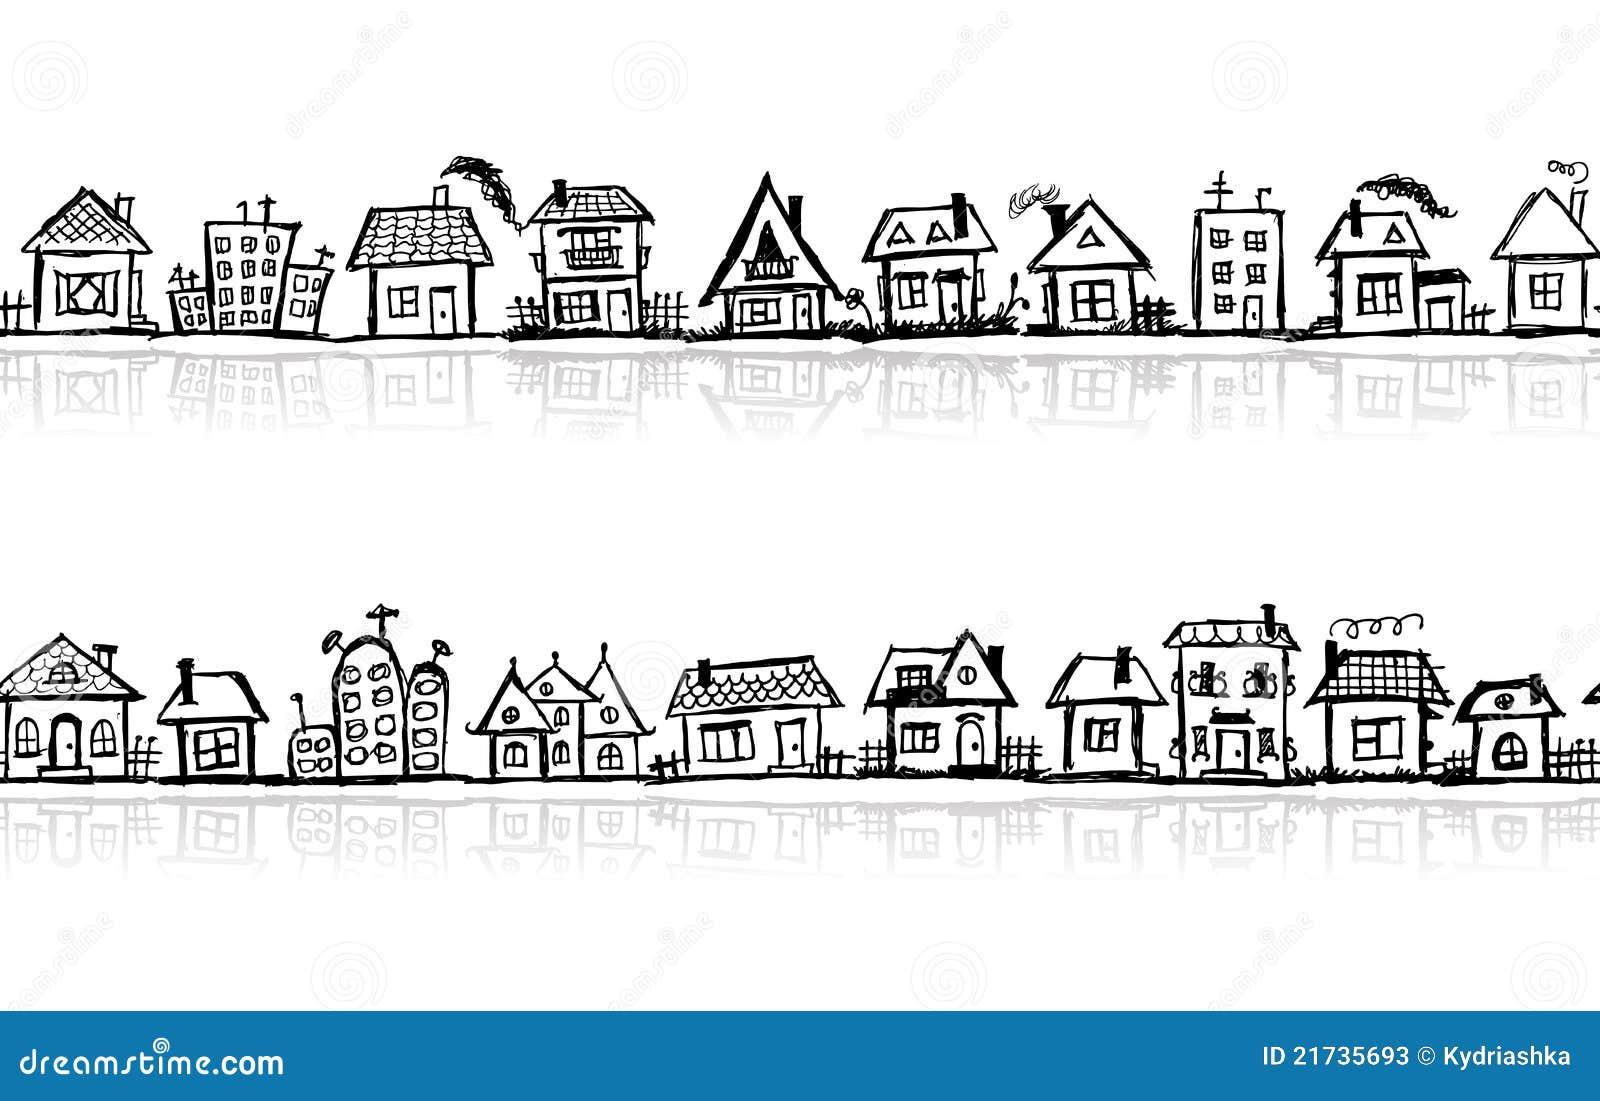 croquis de paysage urbain papier peint sans joint illustration de vecteur illustration du. Black Bedroom Furniture Sets. Home Design Ideas